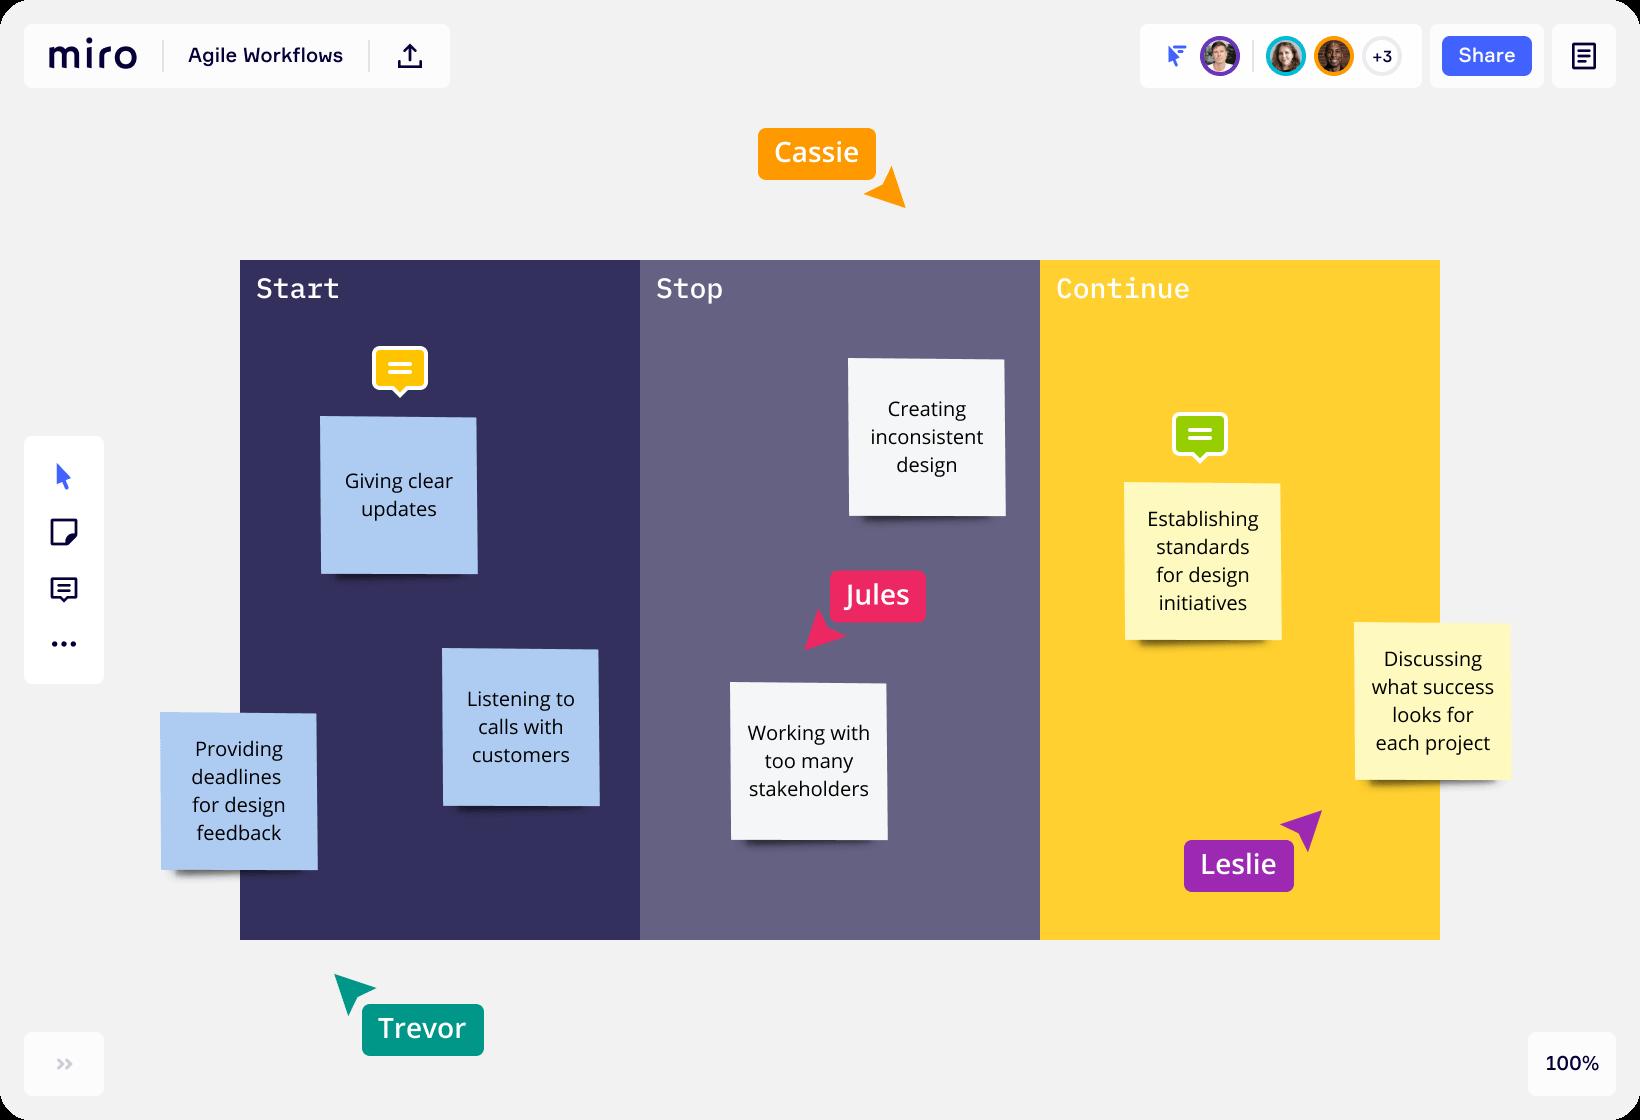 Miro Agile Workflow